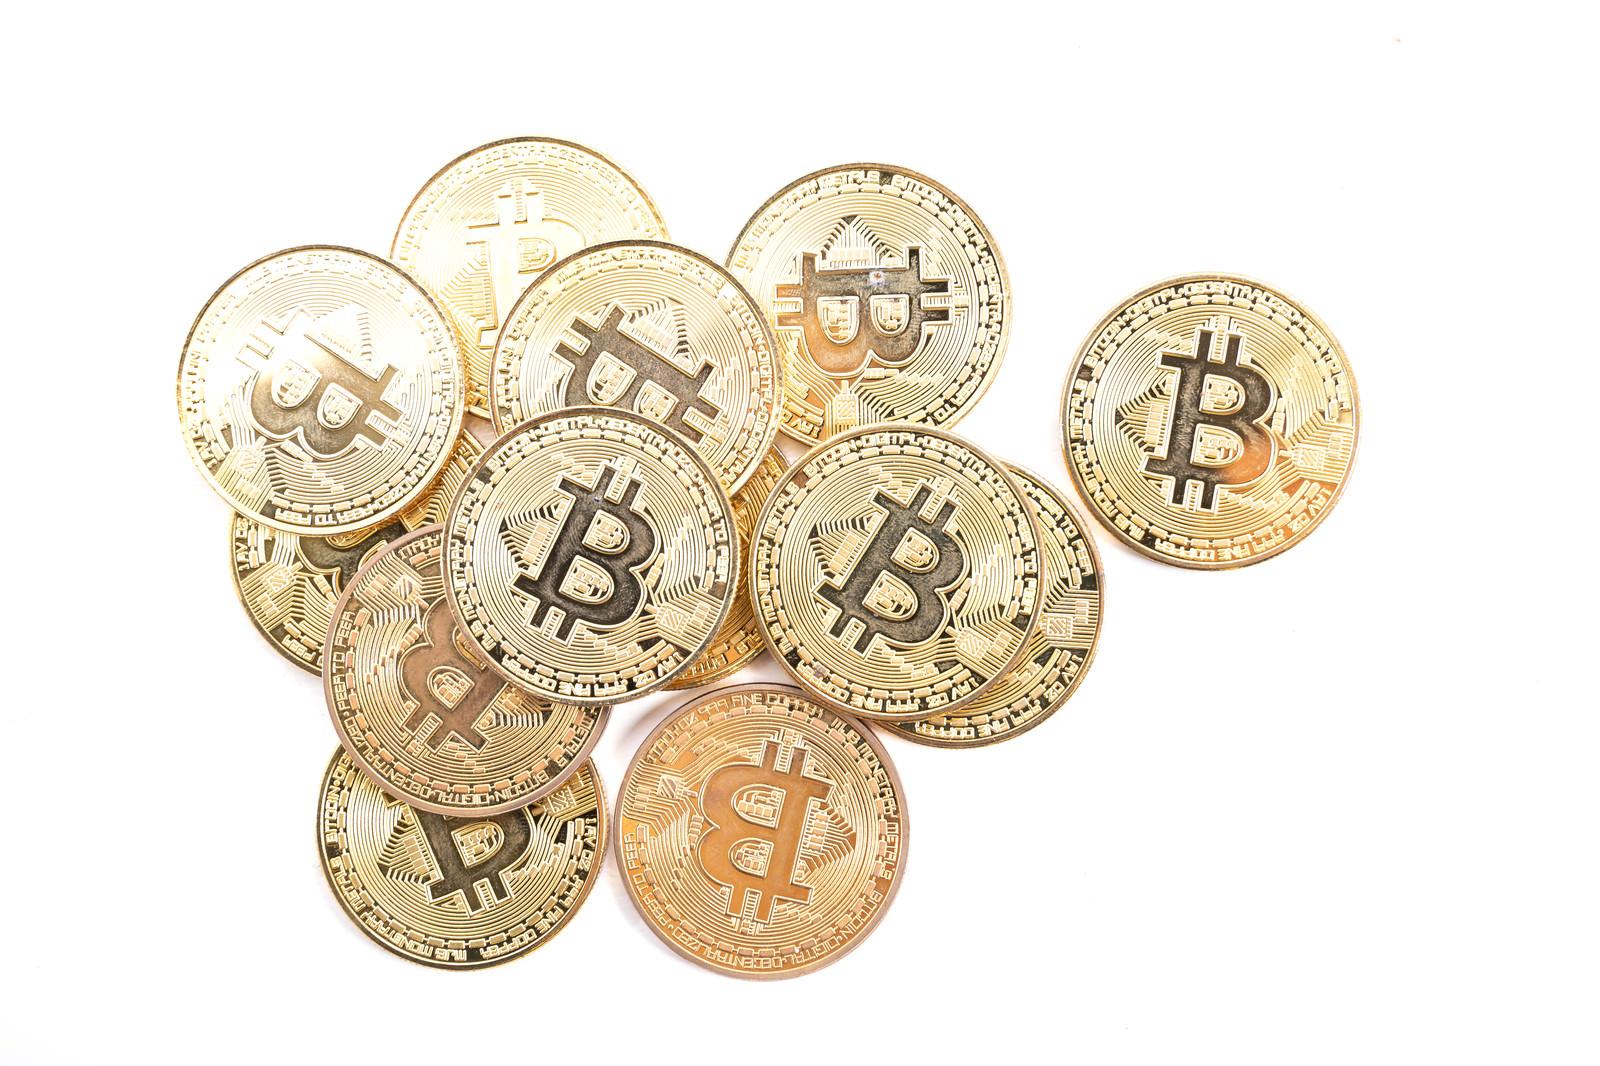 「デジタル・ゴールド ビットコイン」の写真